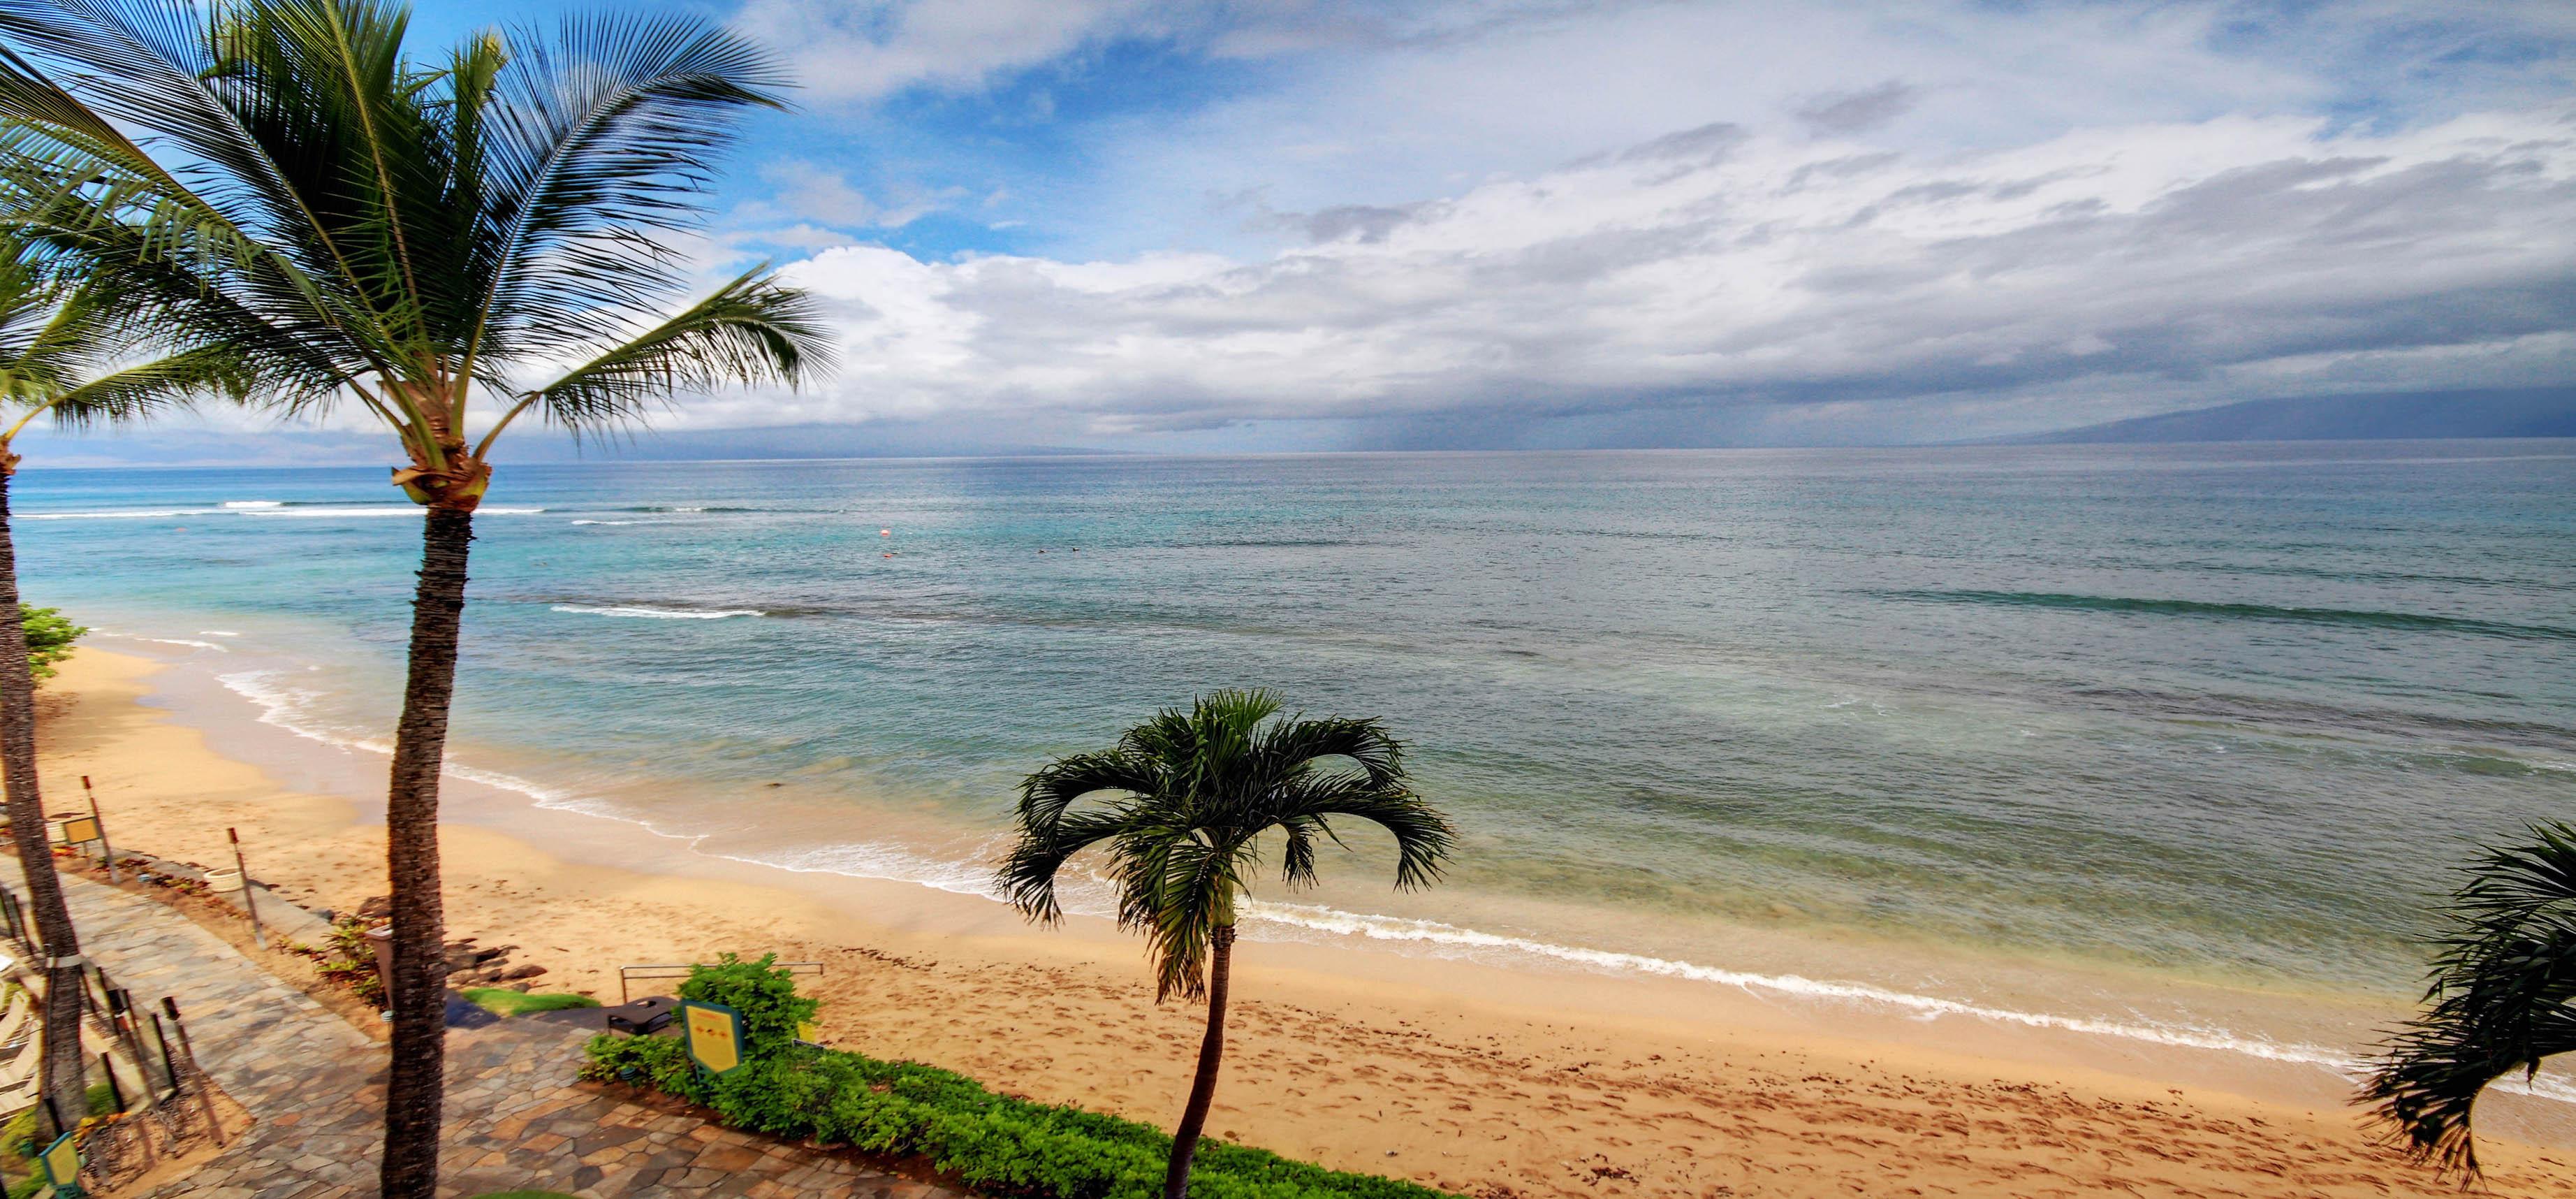 Kaanapali Beach Rentals - Palm trees and beach